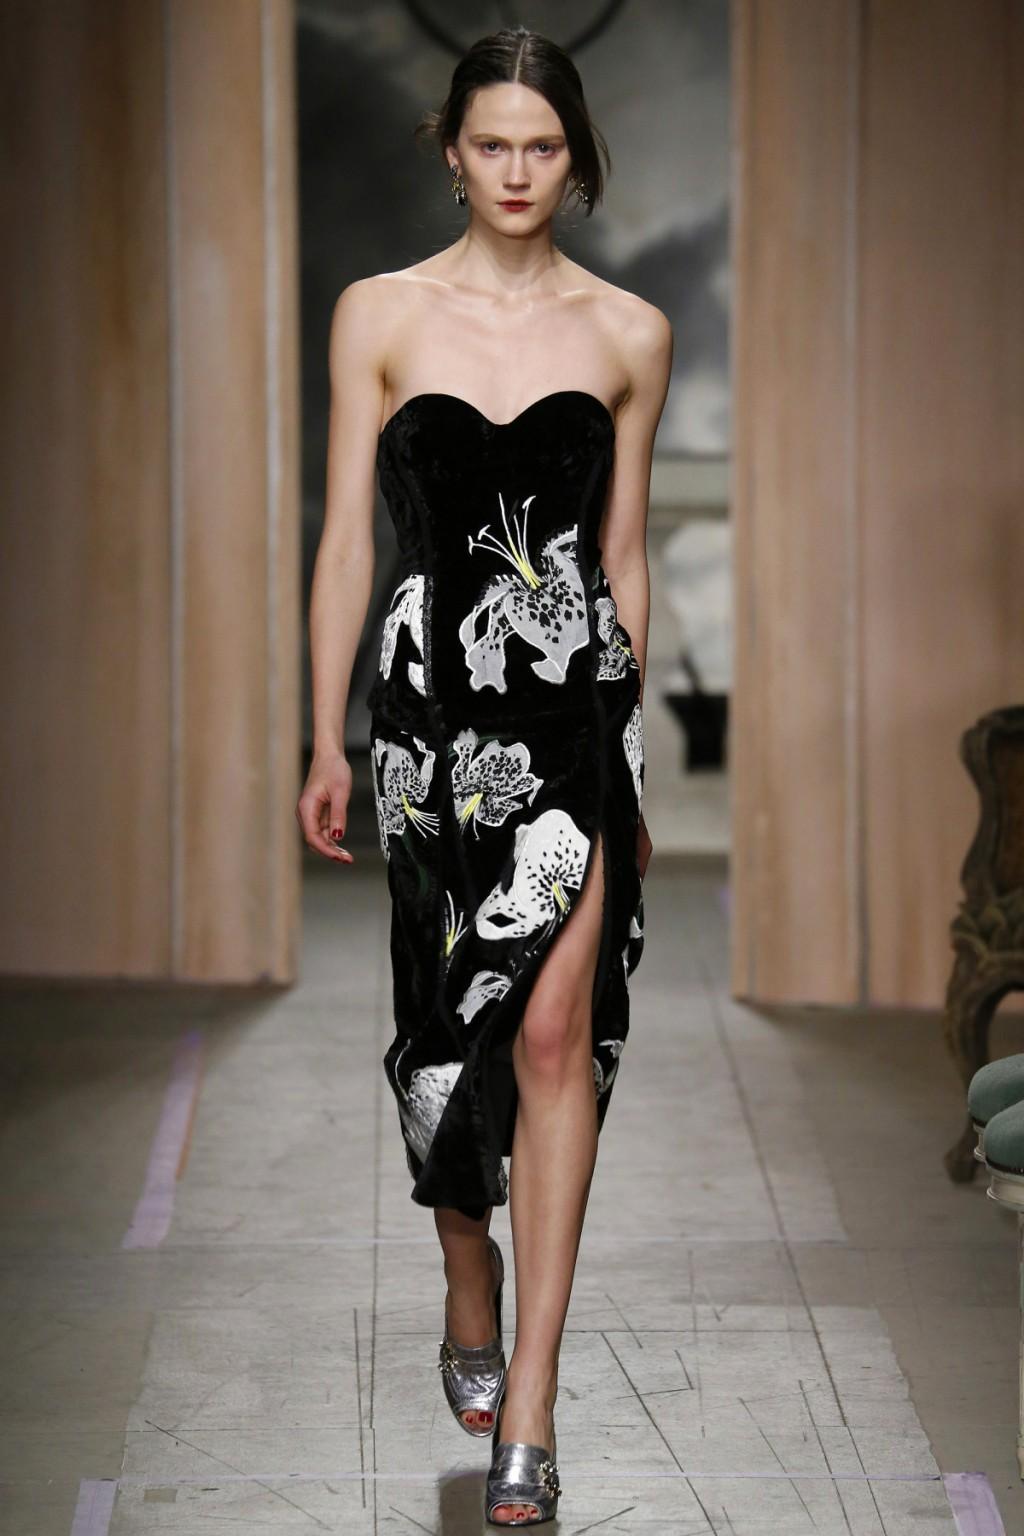 Mẫu váy nhung đen thêu hoa ánh bạc từ Erdem